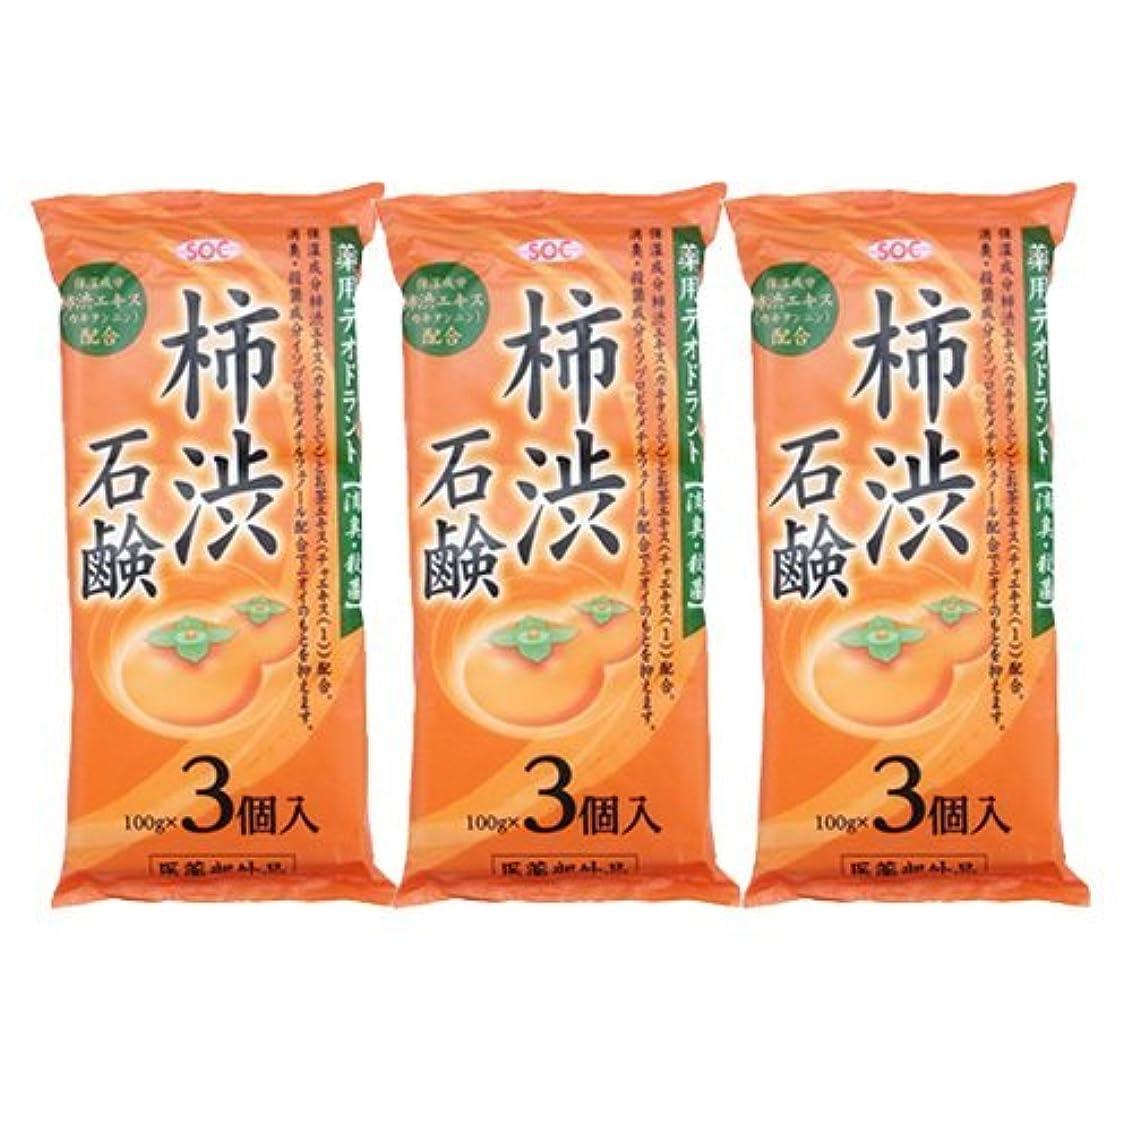 意味のある政治家感謝している渋谷油脂 SOC 薬用柿渋石鹸 3P ×3袋セット (100g×9個)